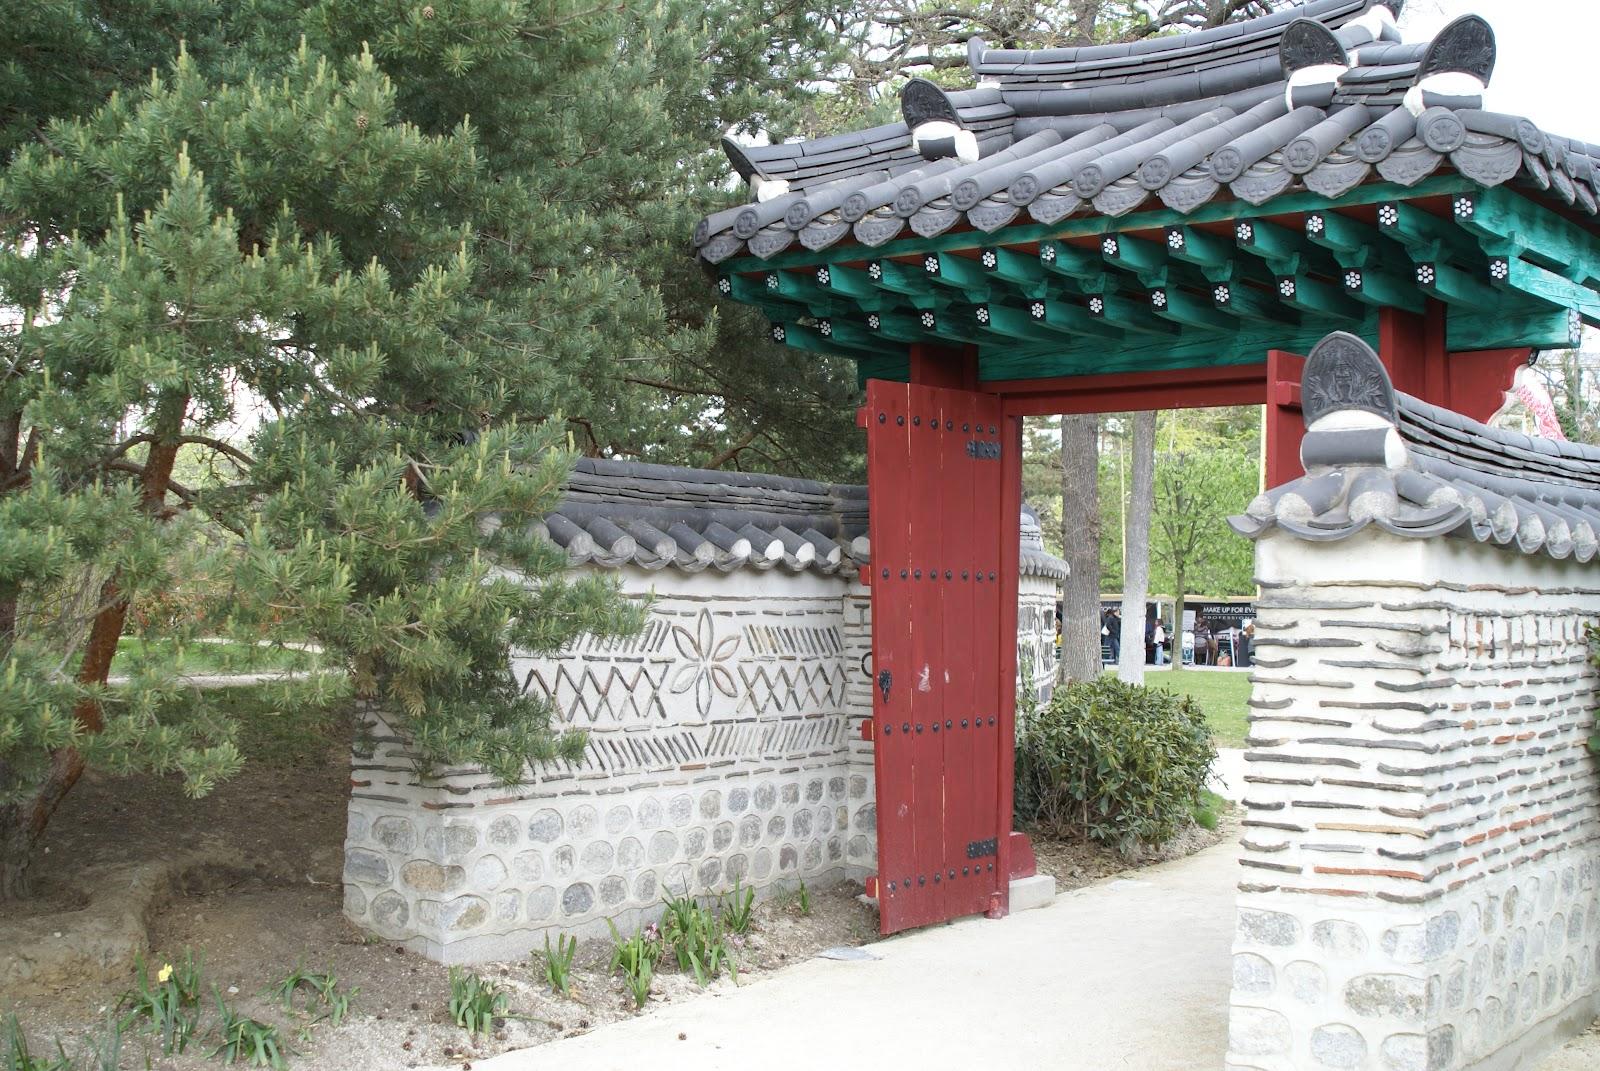 Un petit tour en cor e au jardin d 39 acclimatation - Musee en herbe jardin d acclimatation ...